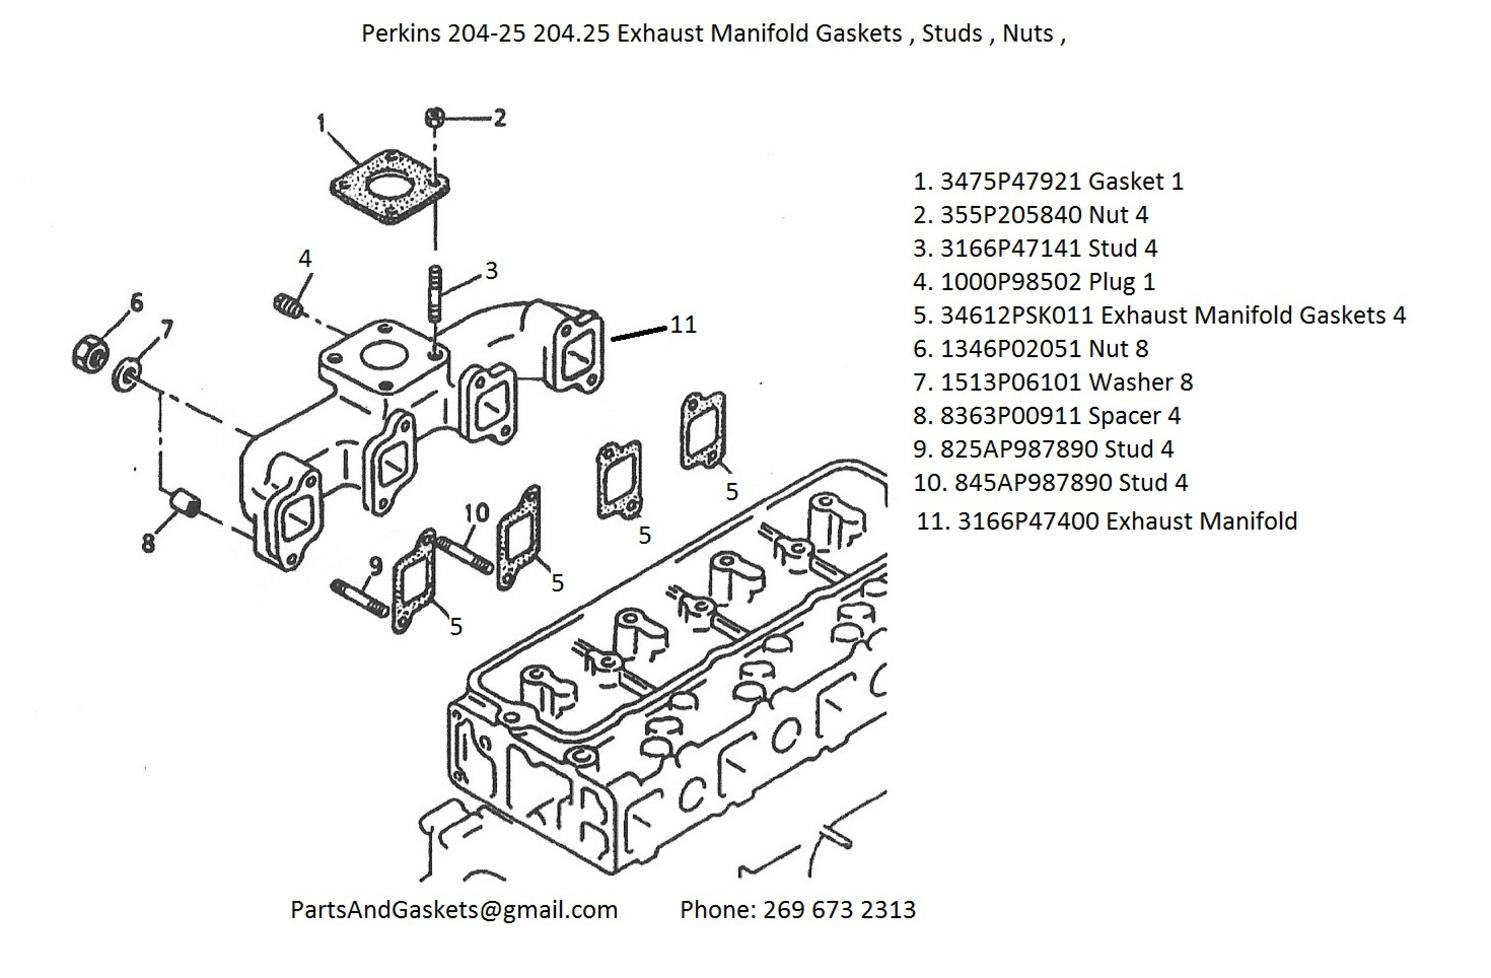 Perkins 204-25 204.25 Exhaust Manifold Gaskets , Studs